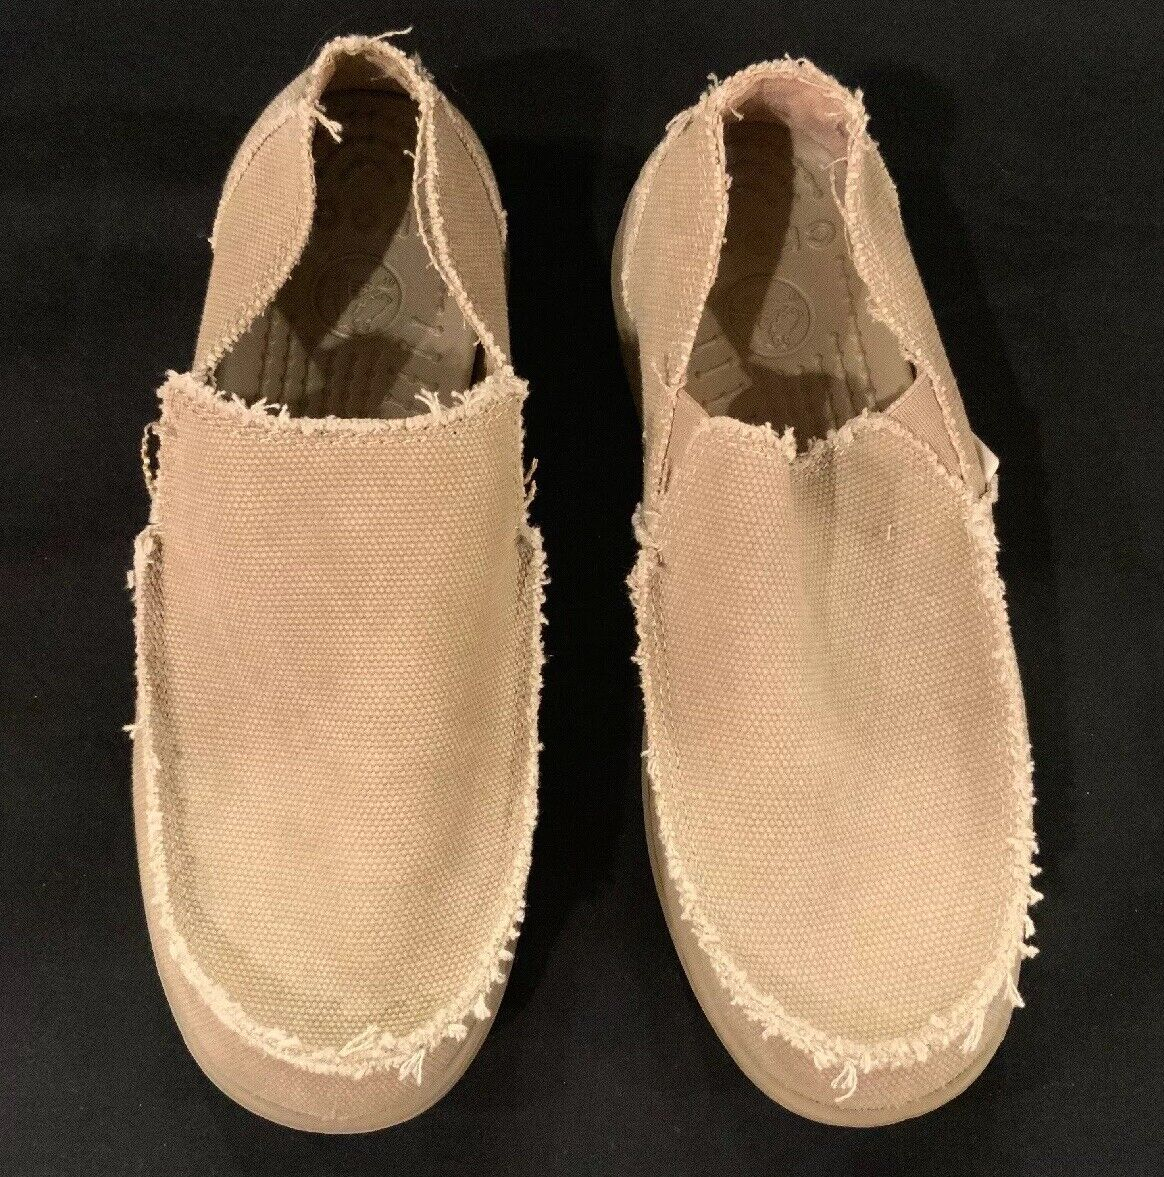 e146b45bd00a3 NEW Men's Size 7 CROCS Santa Cruz Khaki Light Brown Loafer SlipOn Casual  shoes